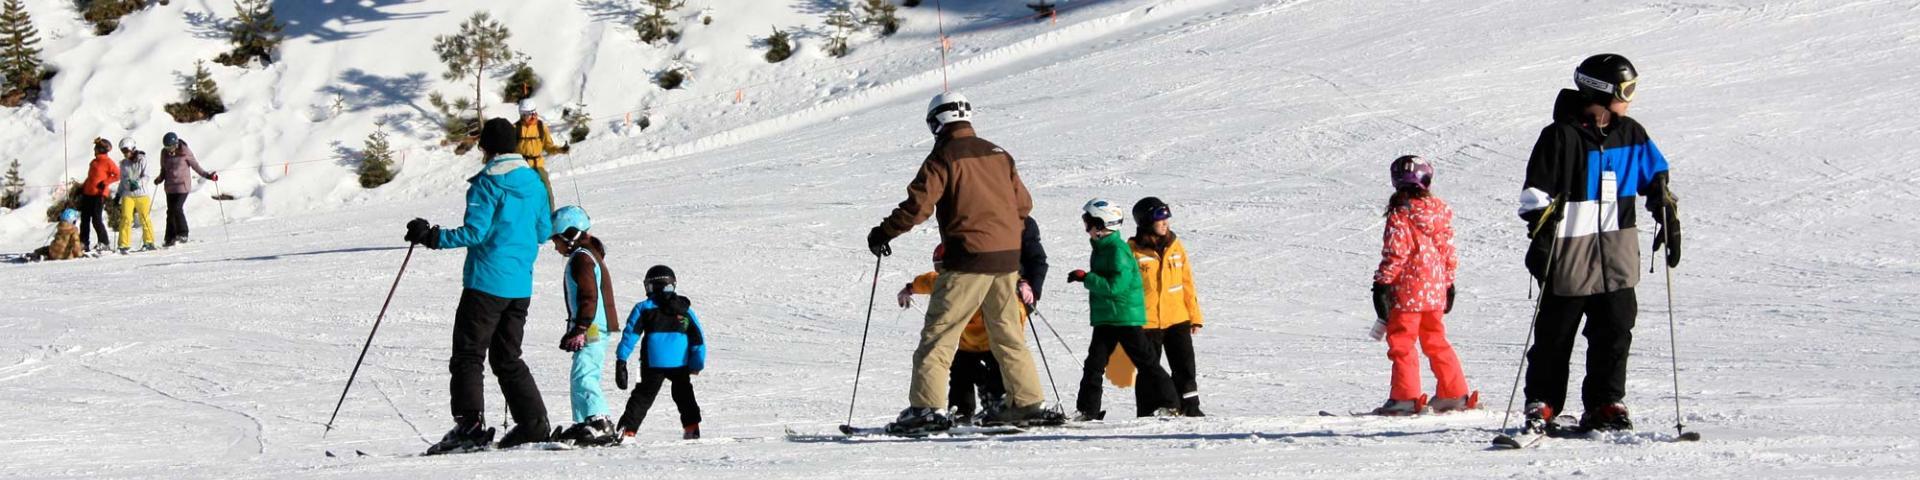 Lake Tahoe Family Fun